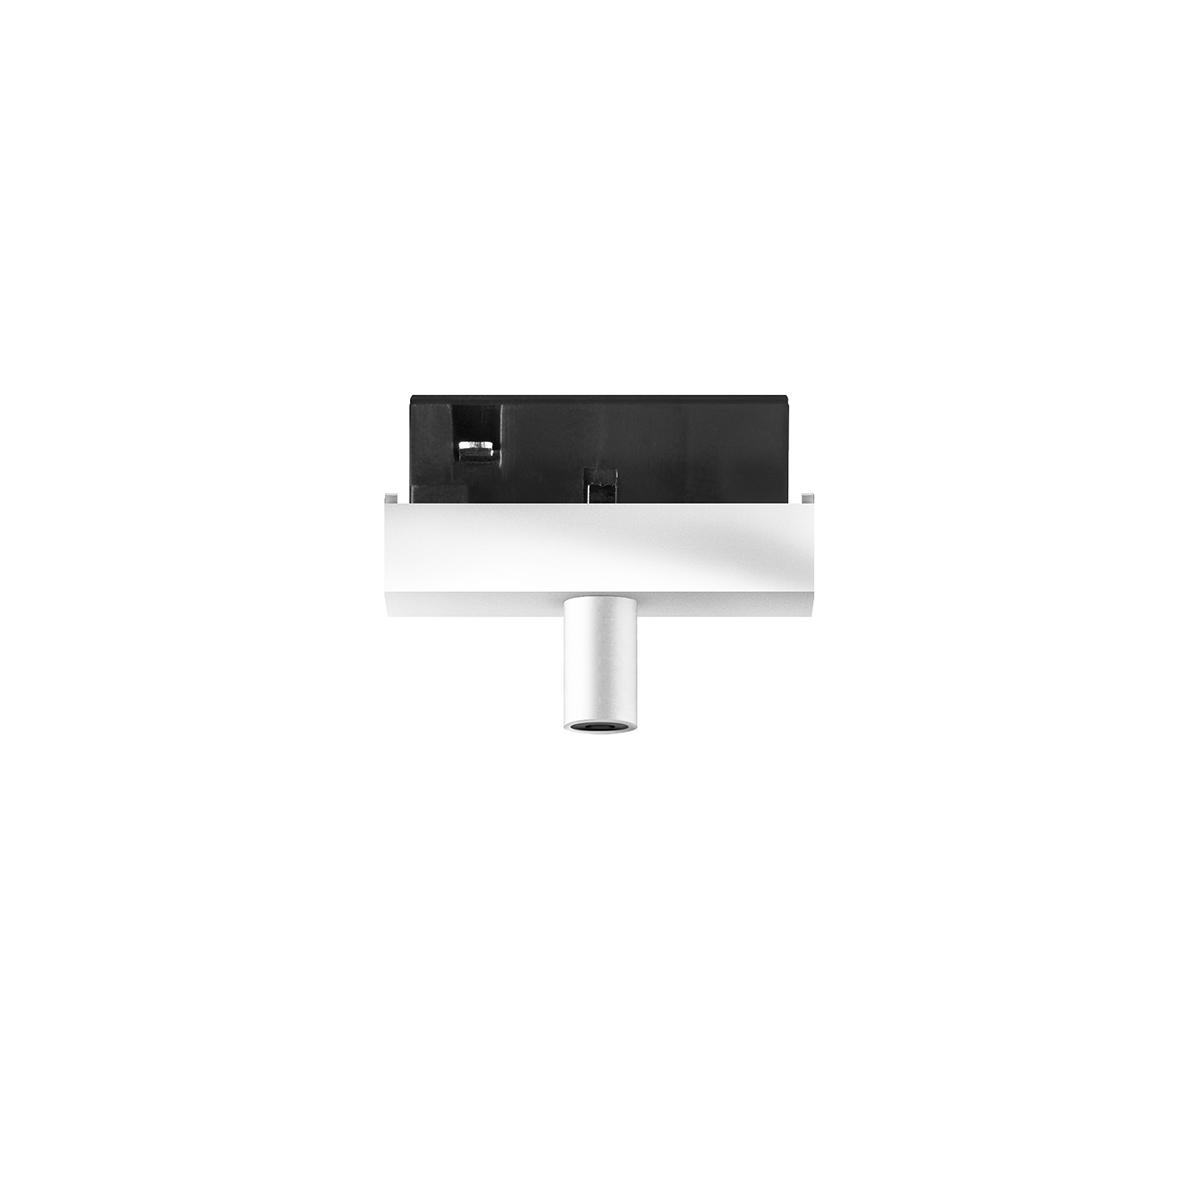 Bruck Duolare Leuchten Adapter 860158ws